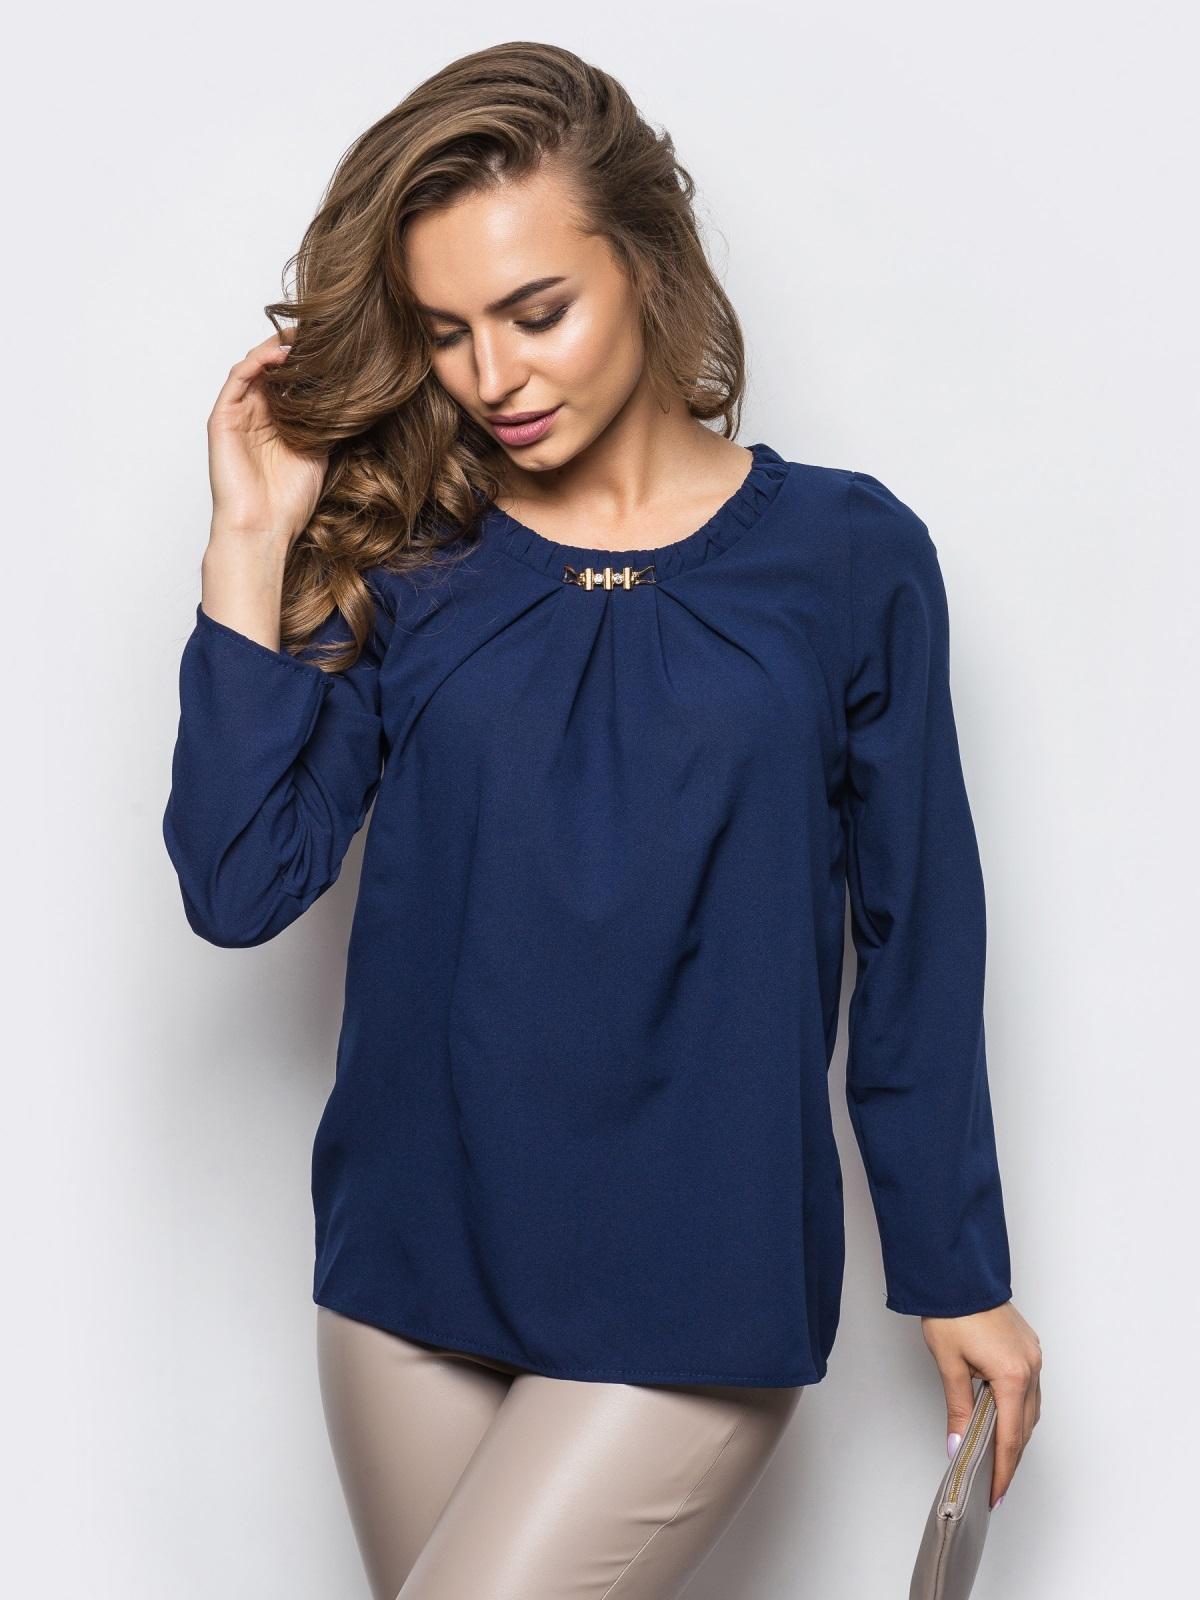 Тёмно-синяя блузка свободного кроя со складками по горловине - 12307, фото 1 – интернет-магазин Dressa